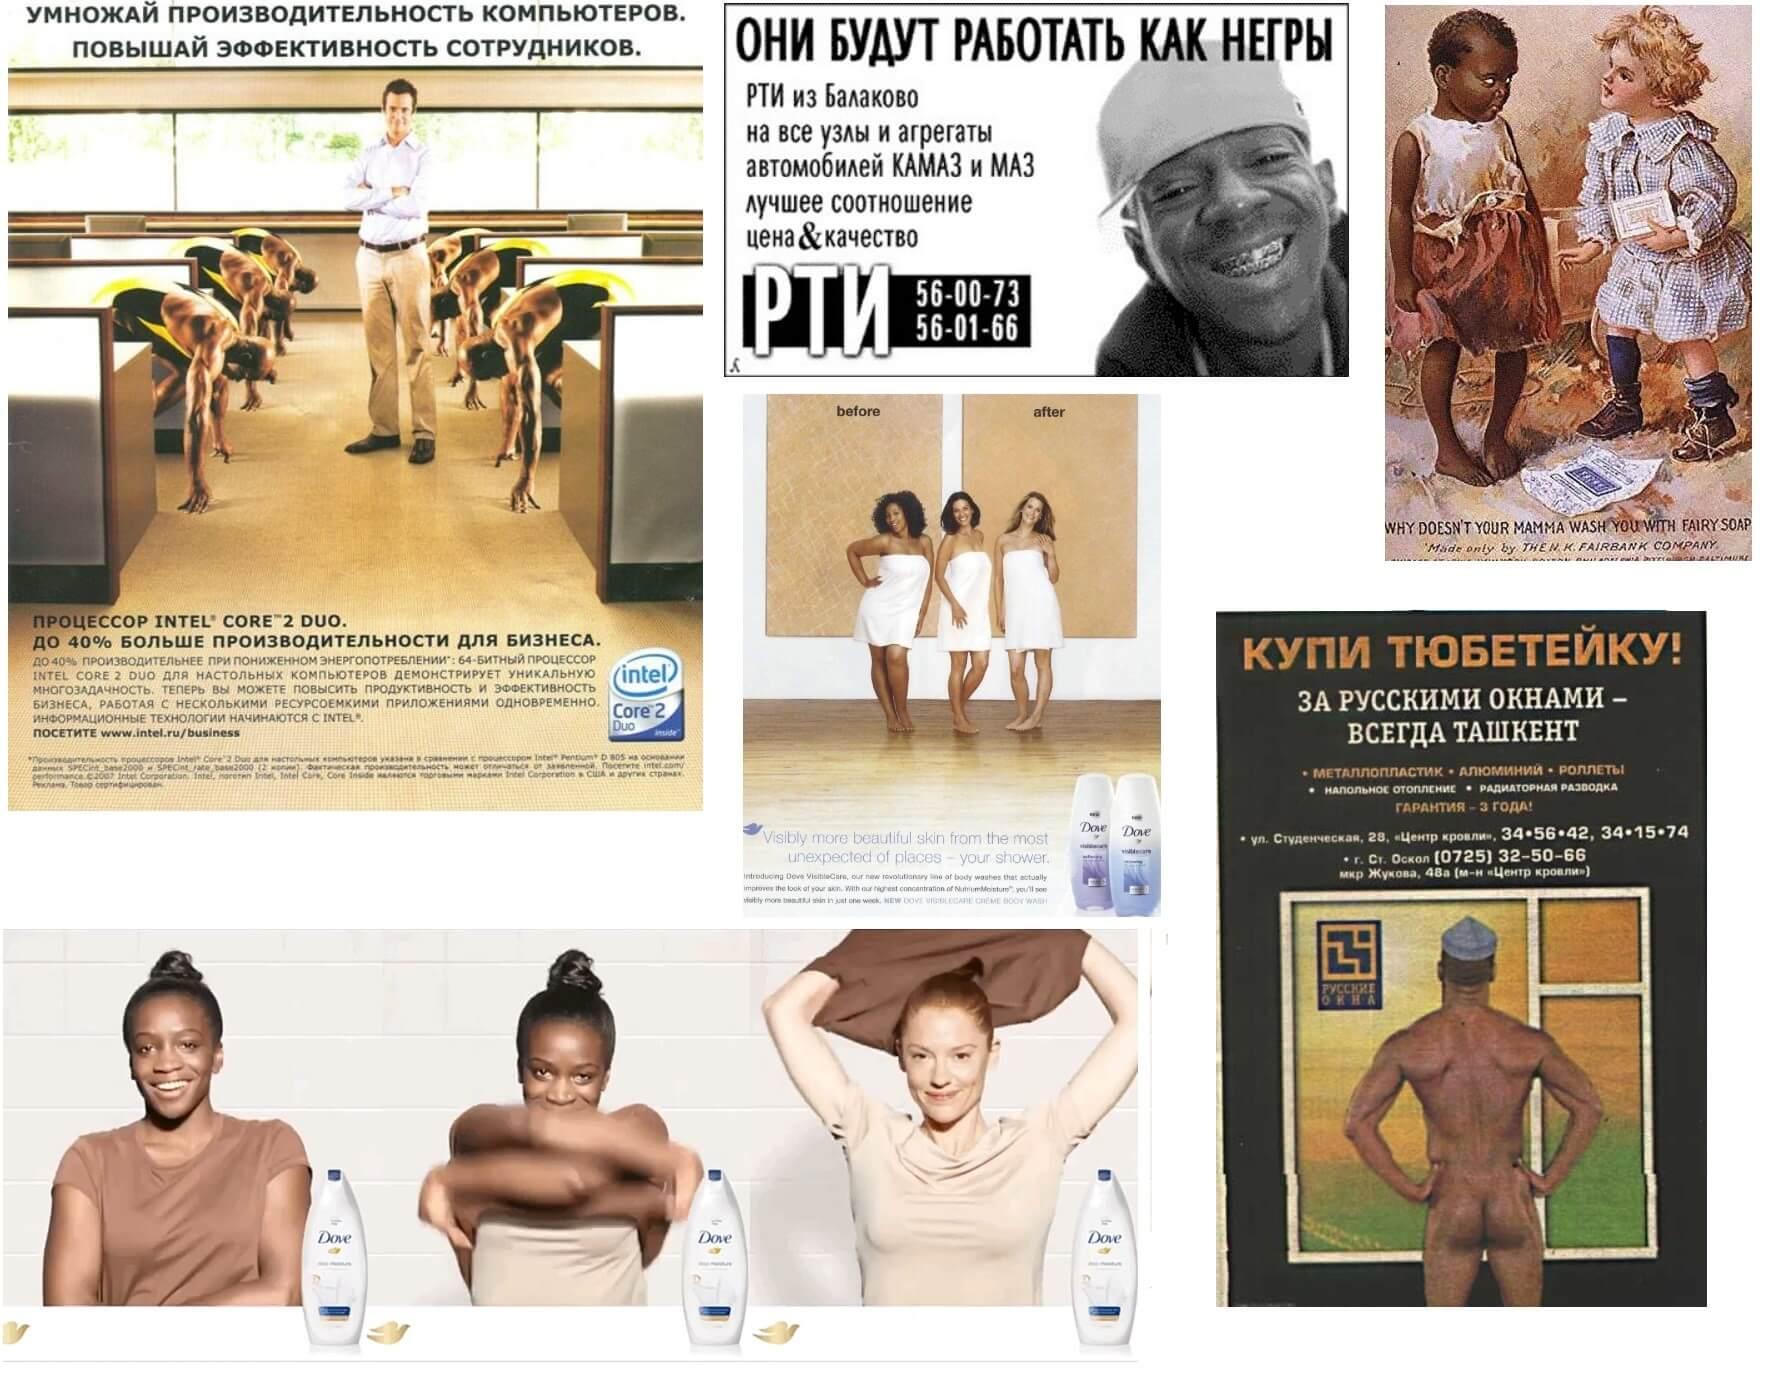 Примеры скандальной рекламы, использующей расизм.jpg